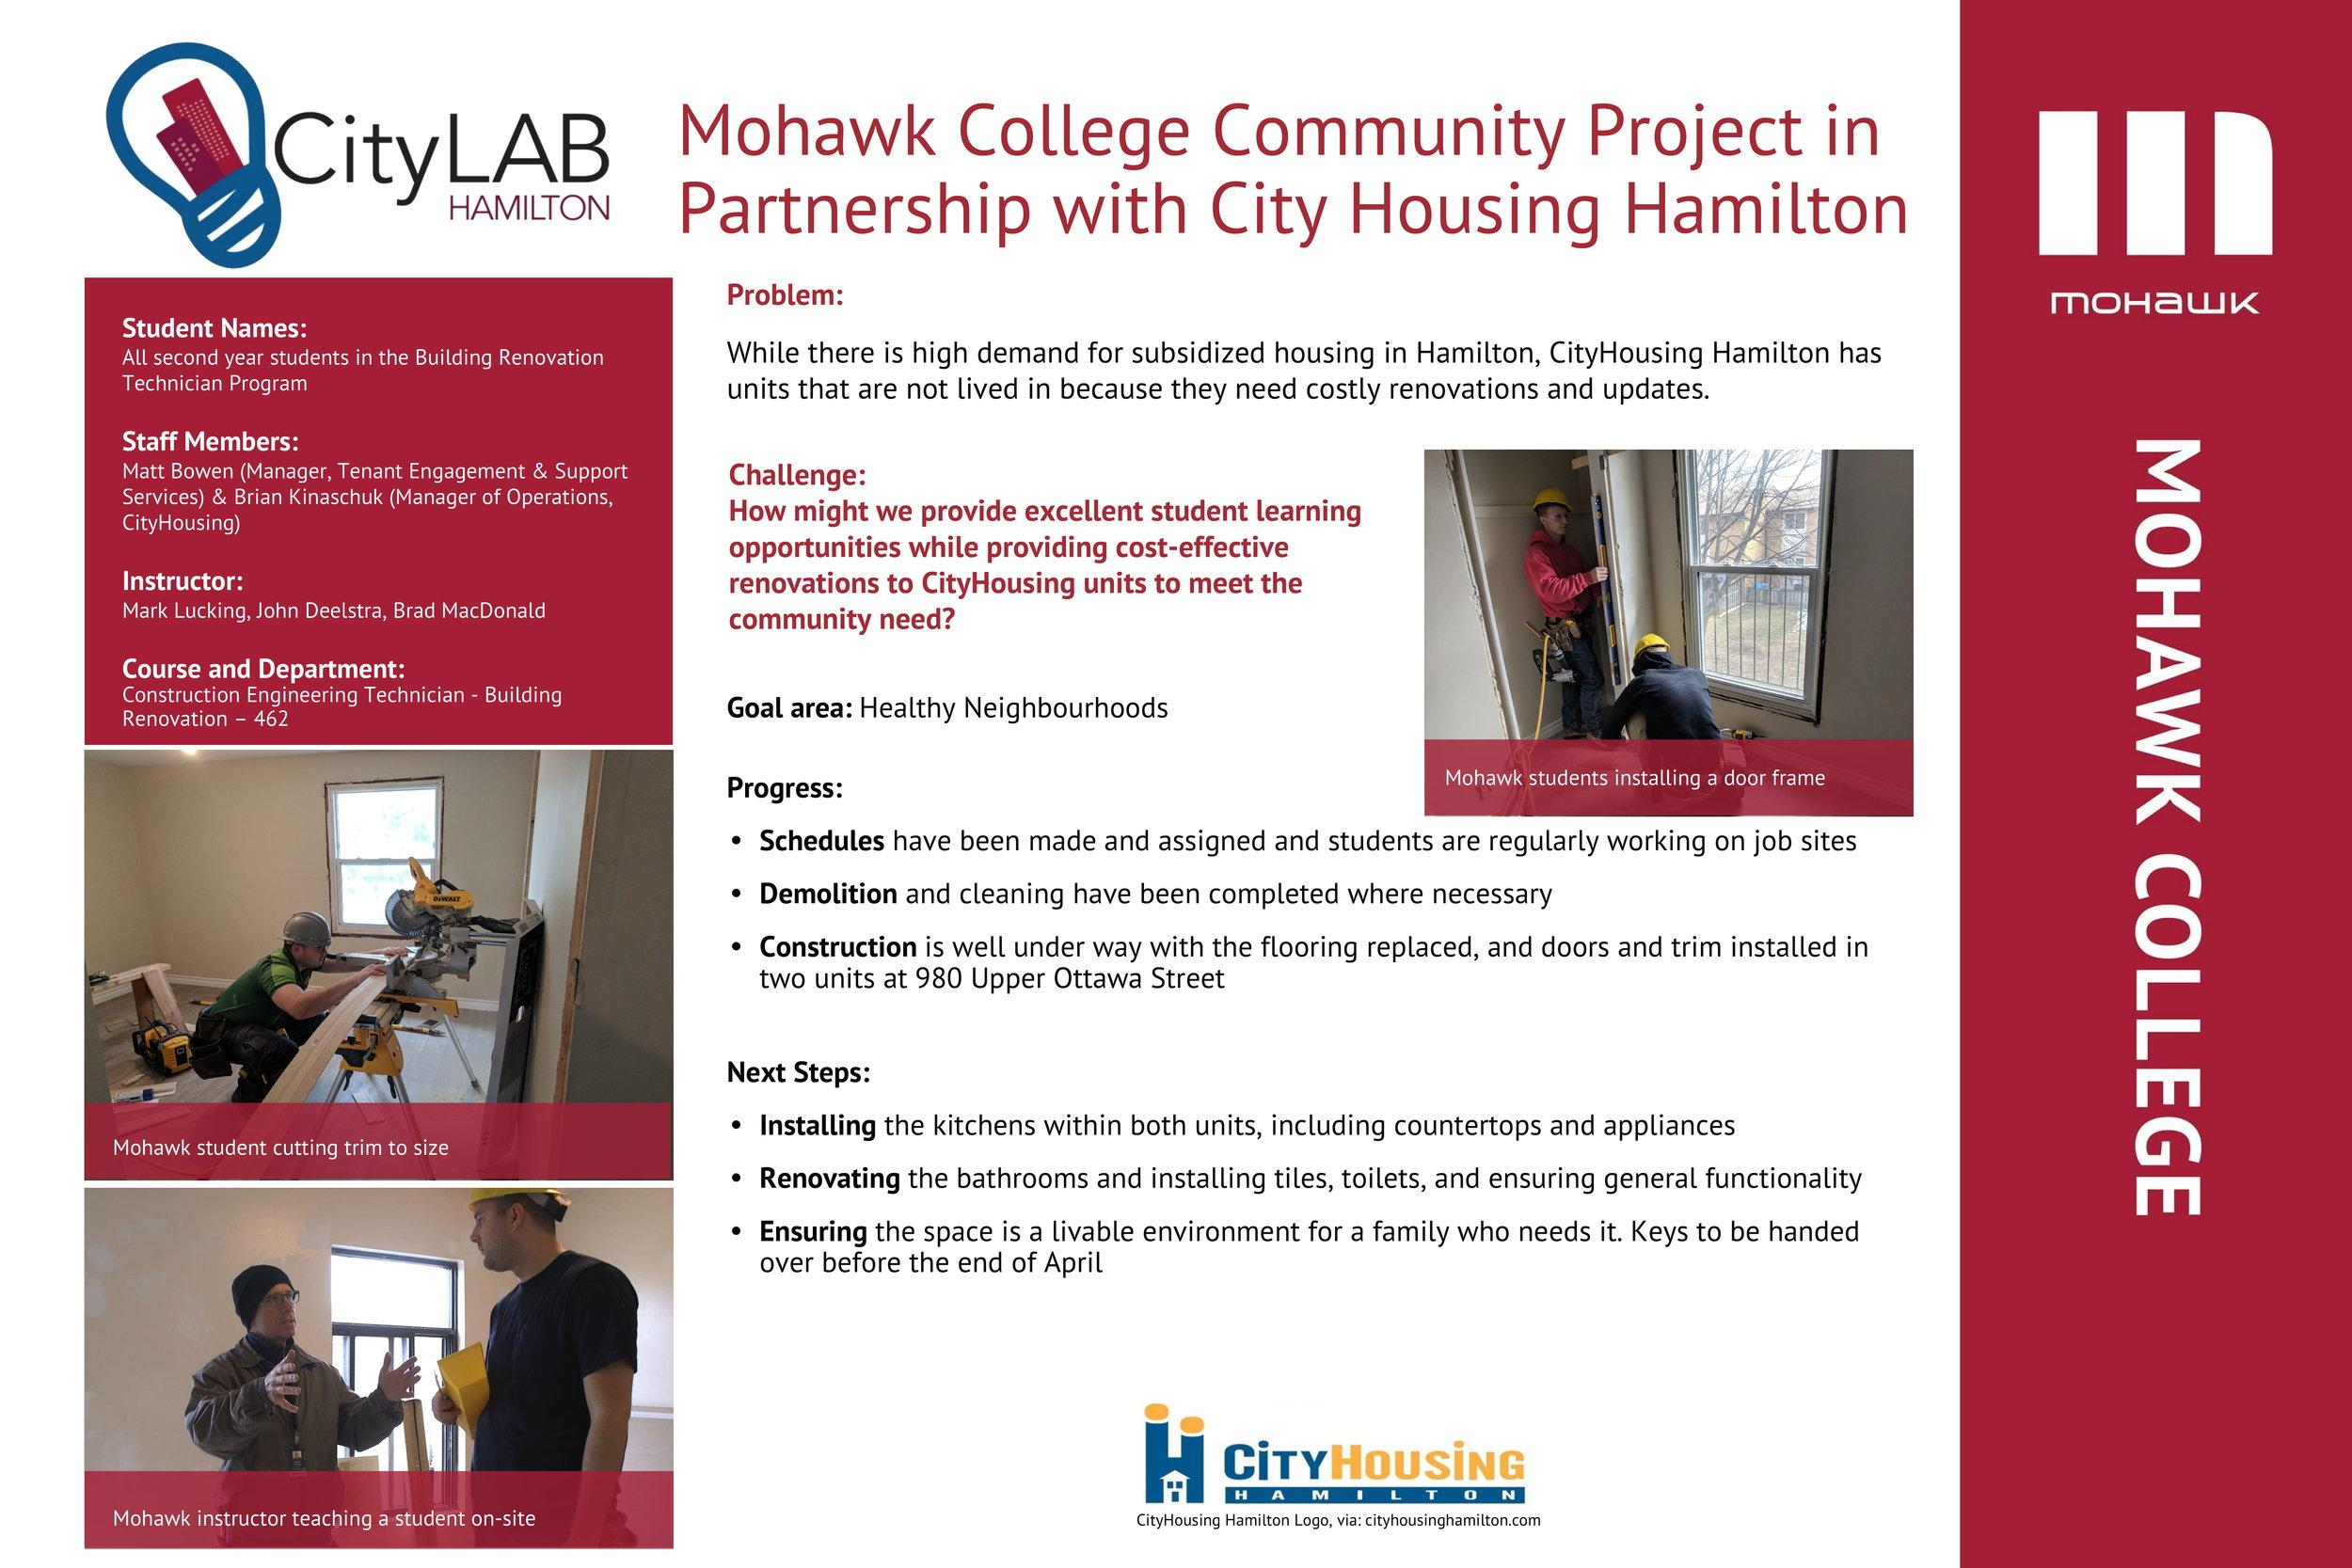 Mohawk City Housing new(v.2)-1.jpg